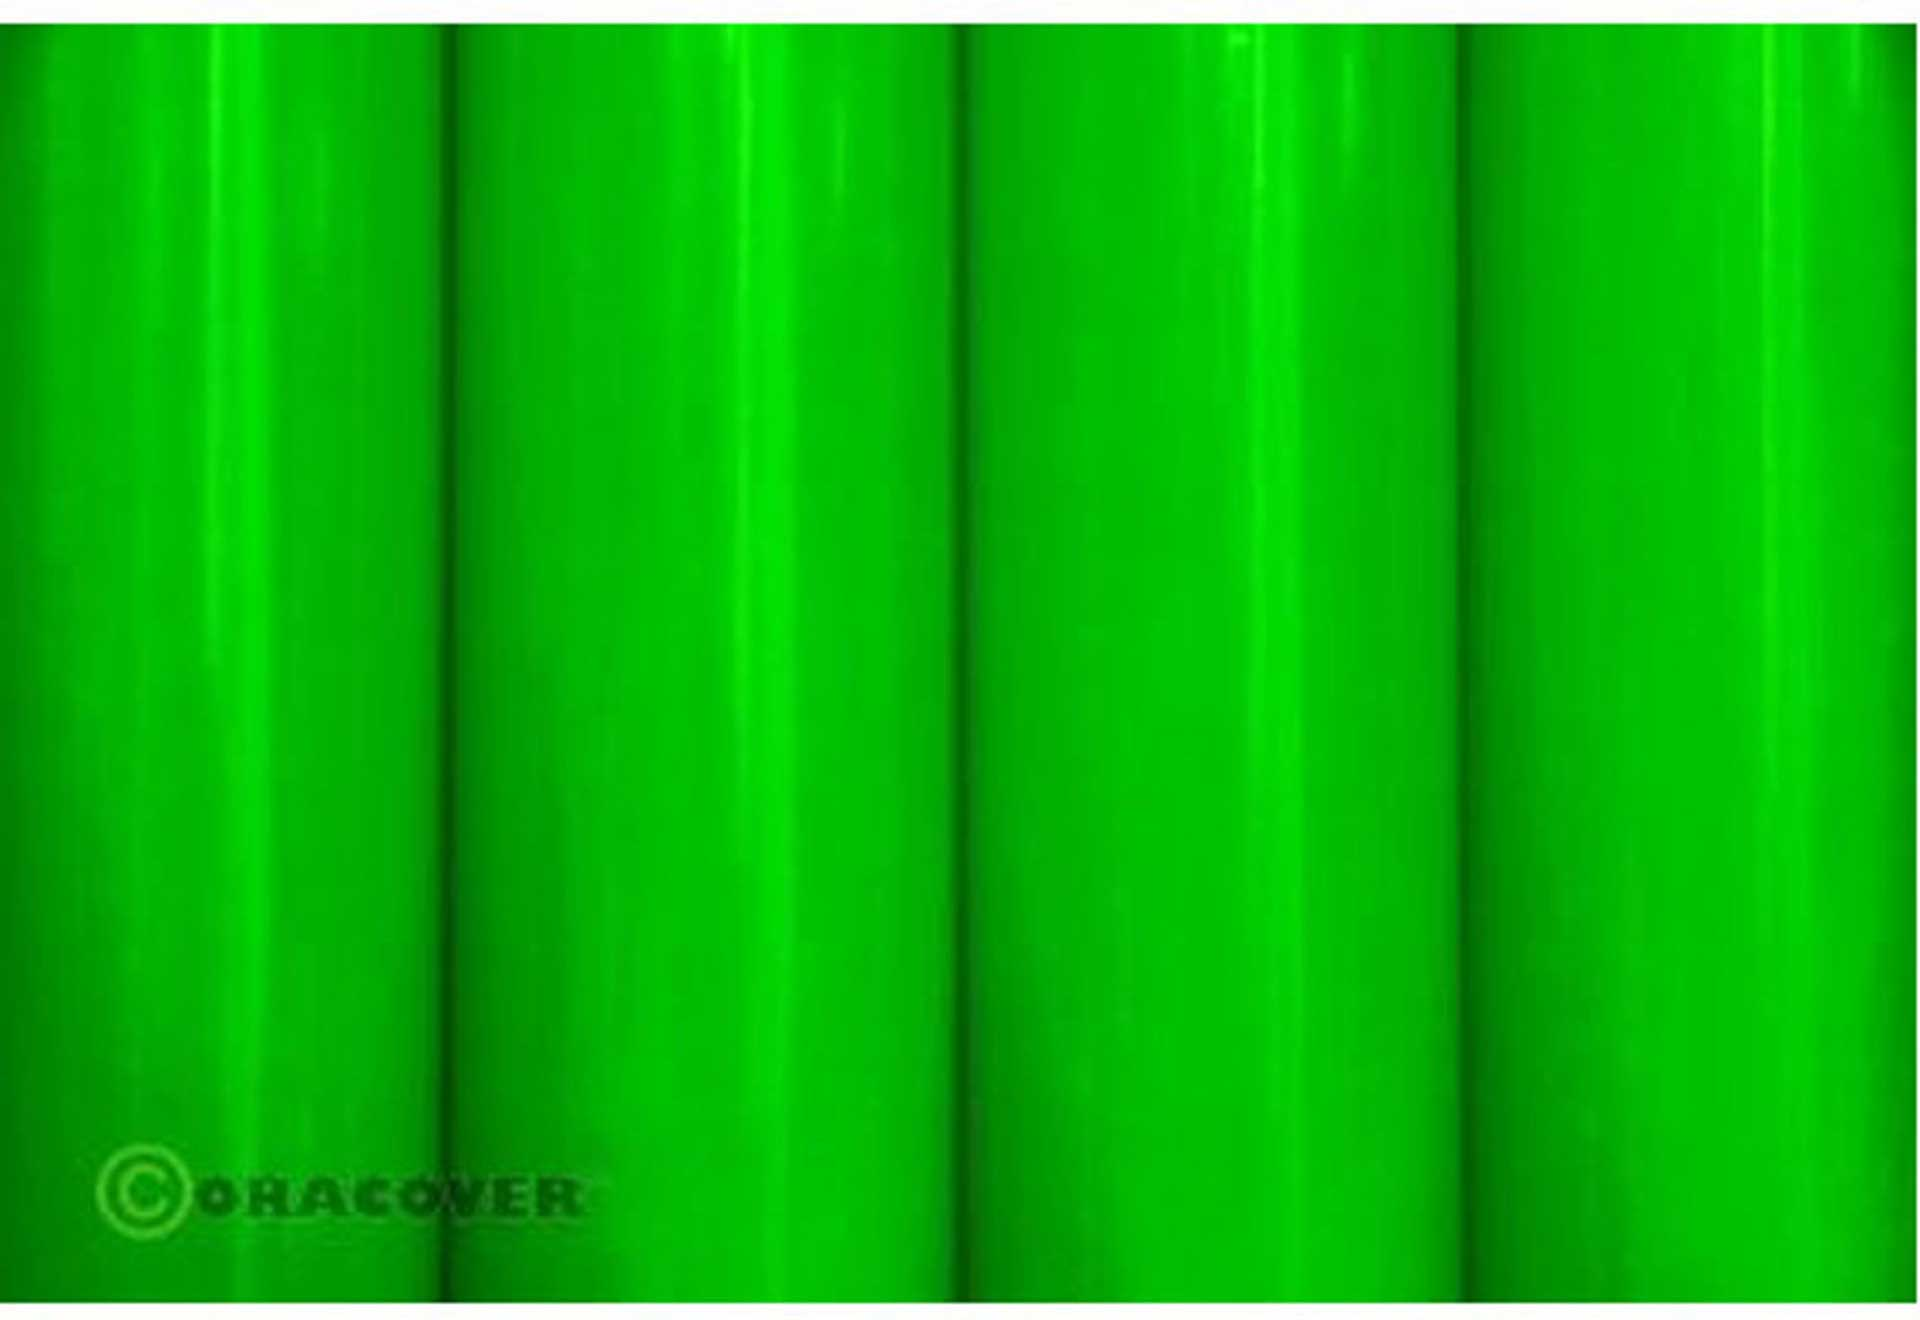 ORACOVER Klebefolie GRÜN FLUORESZIEREND 1 Meter # 41 Orastick